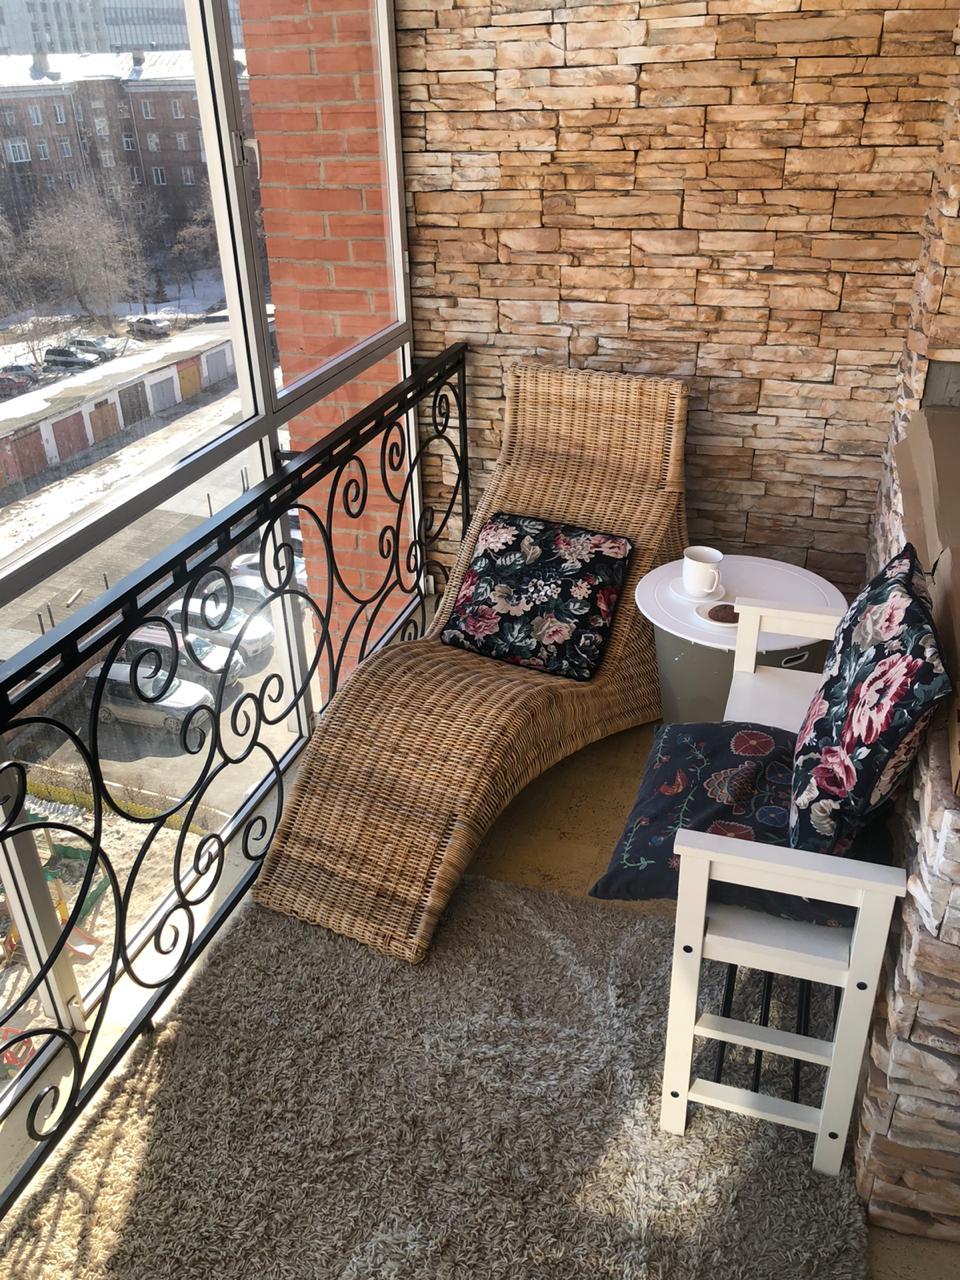 Юлия обустроила очень уютное пространство на своём балконе: здесь можно и работать, и отдыхать в кругу семьи, и даже заниматься йогой